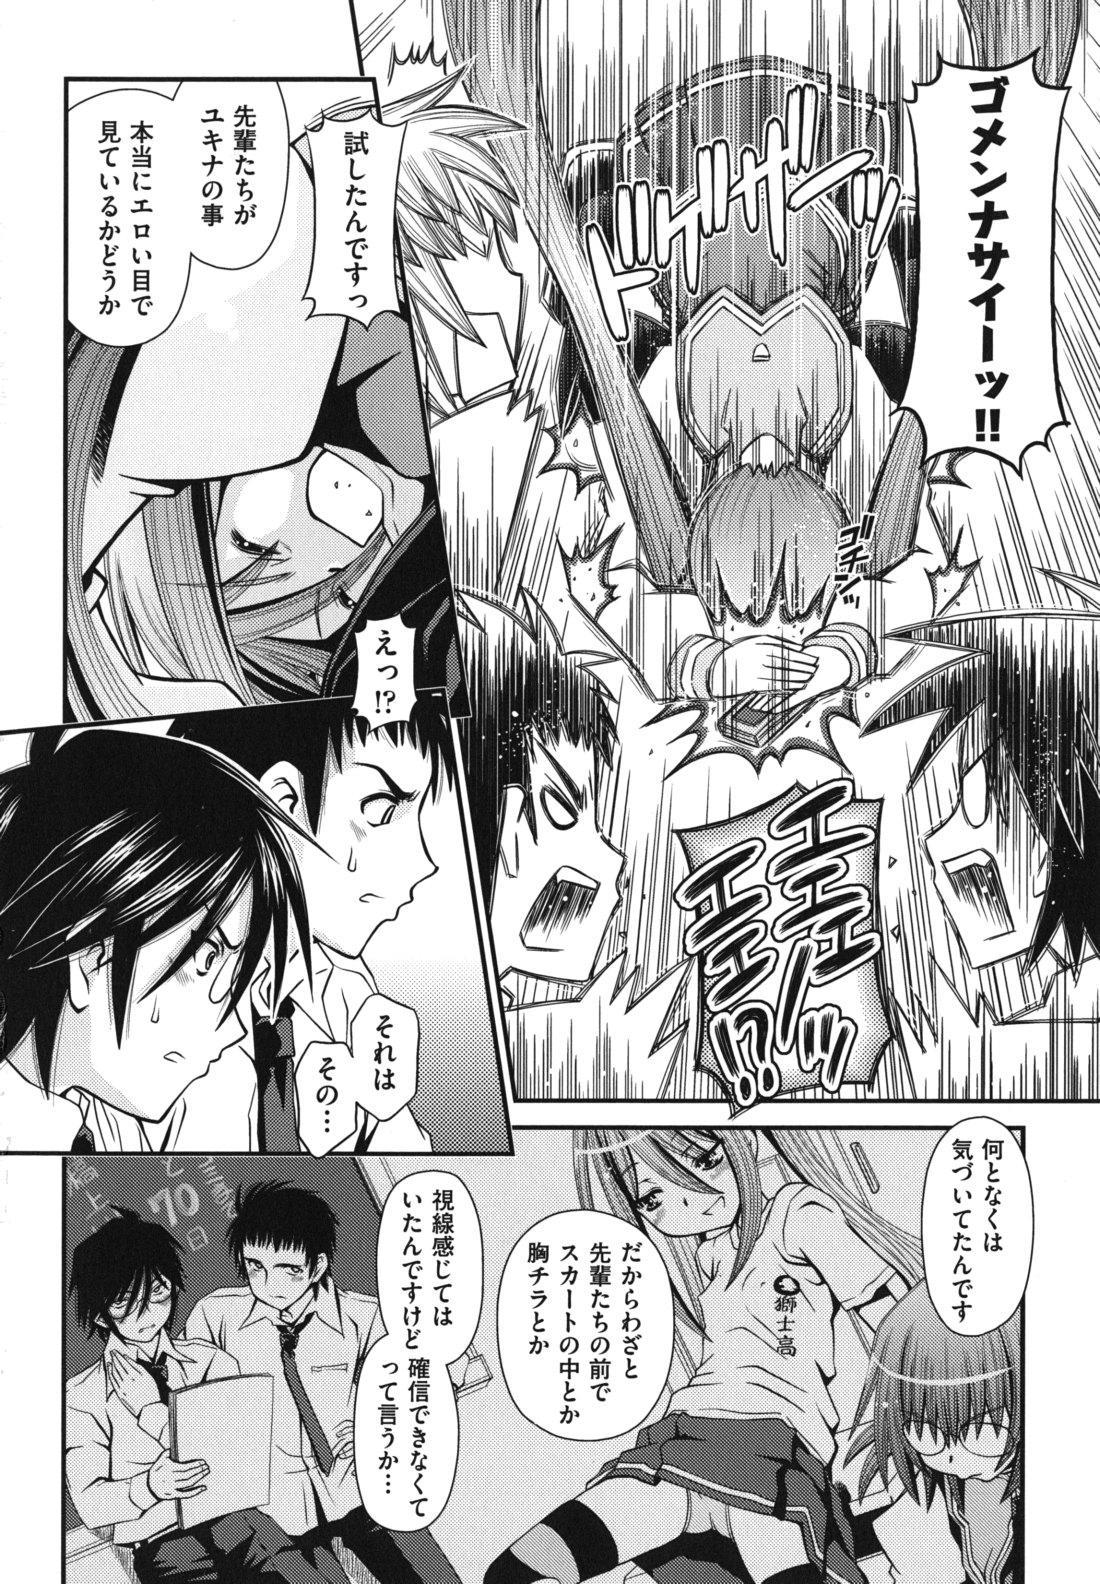 Twintail de Kneesocks no Onnanoko tachi ga Kyakkya de Ufufu♥ 8